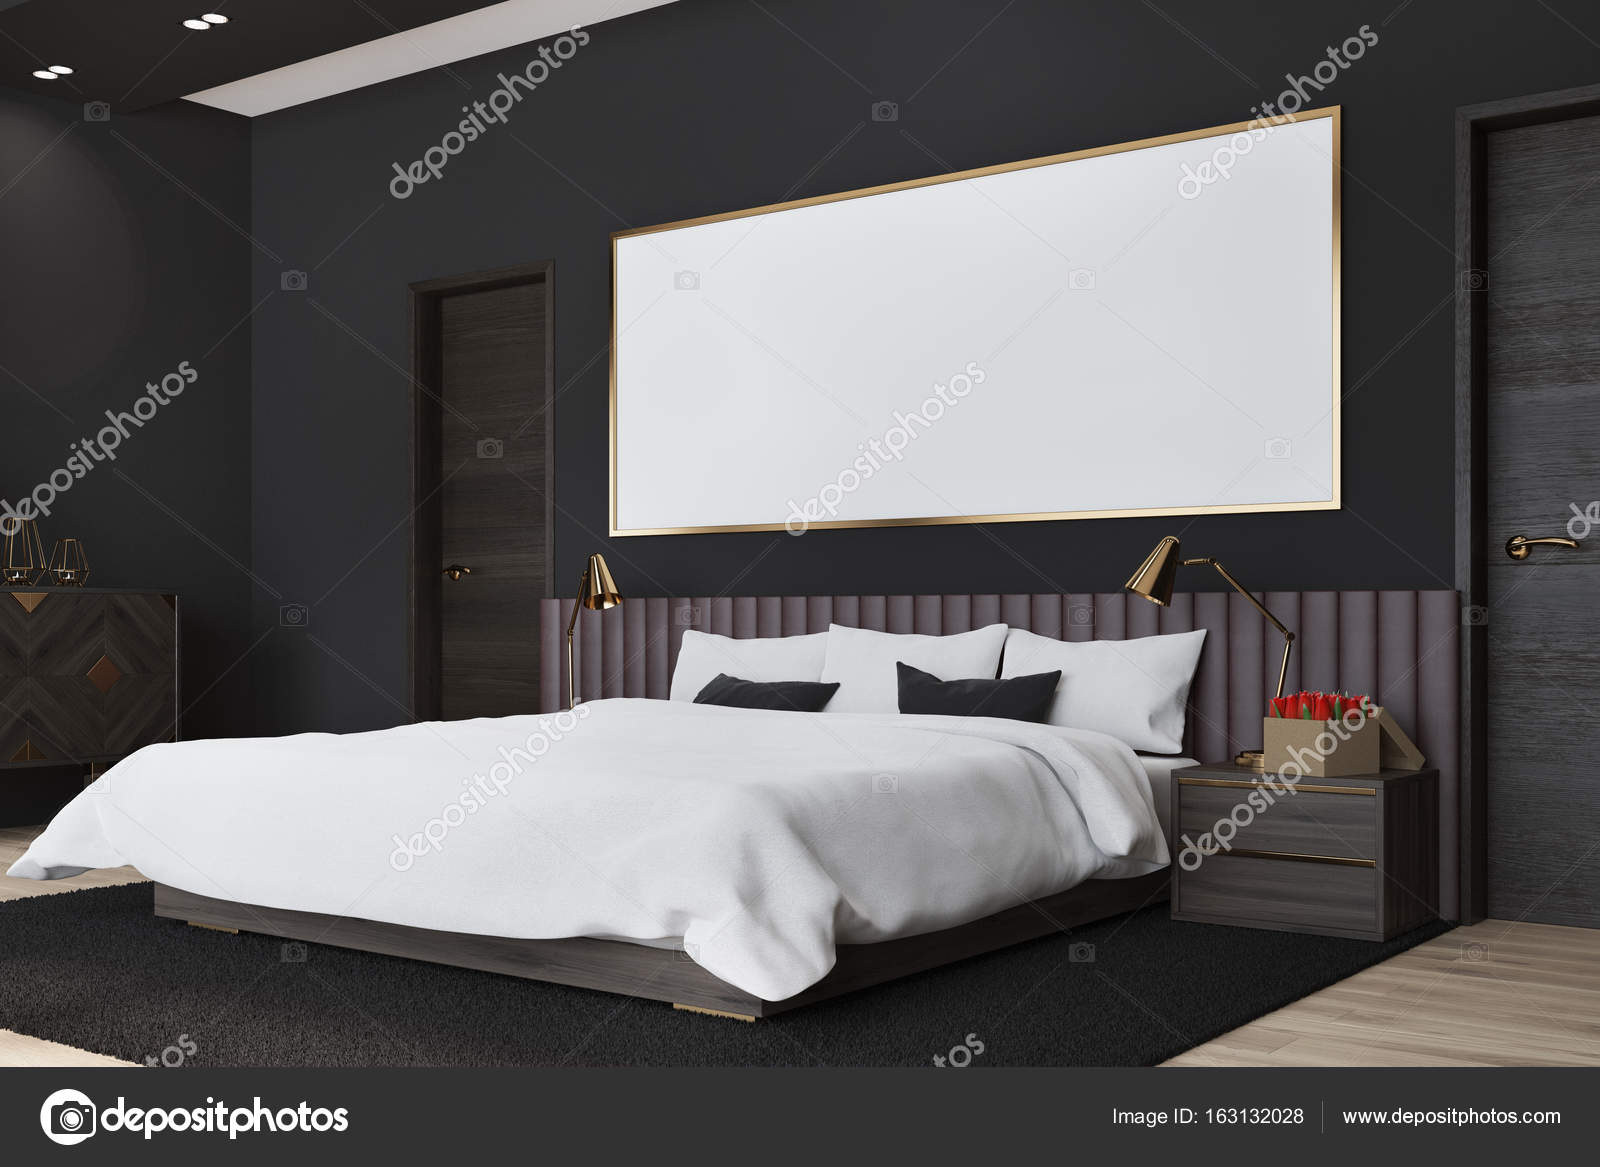 https://st3.depositphotos.com/2673929/16313/i/1600/depositphotos_163132028-stockafbeelding-zwarte-slaapkamer-met-een-poster.jpg